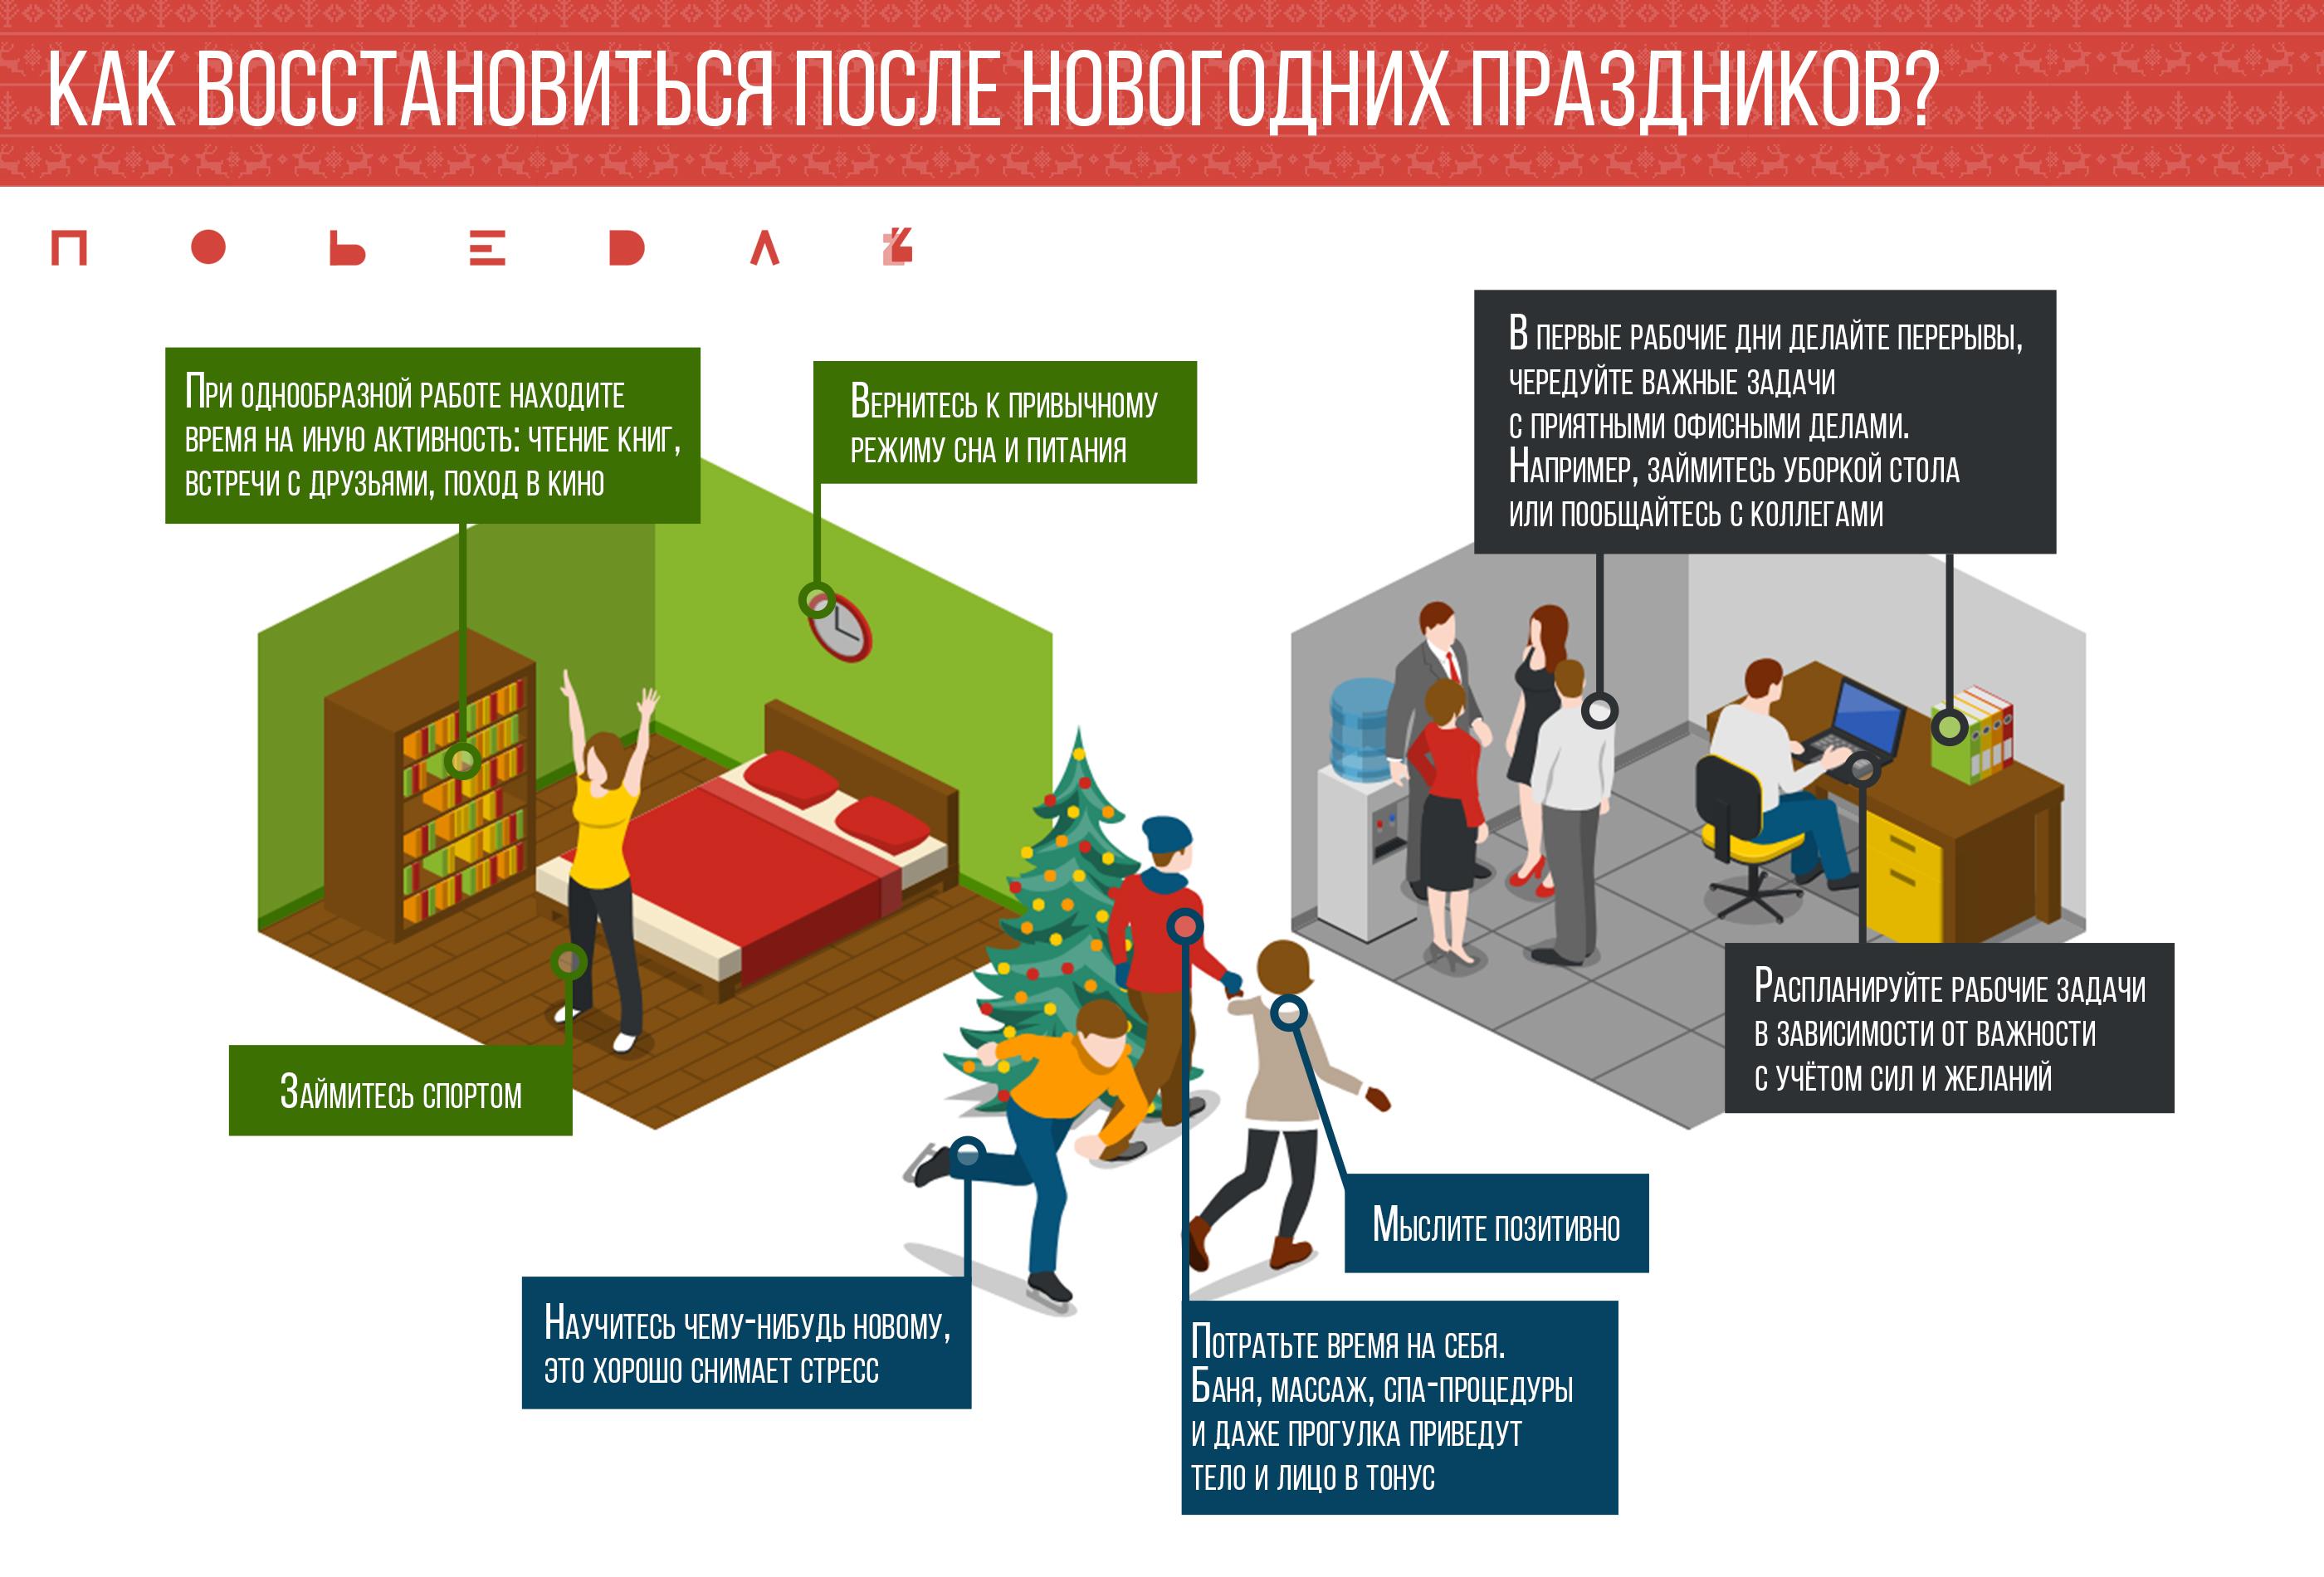 Как очистить организм после праздников: какие продукты и препараты принимать после новогоднего застолья